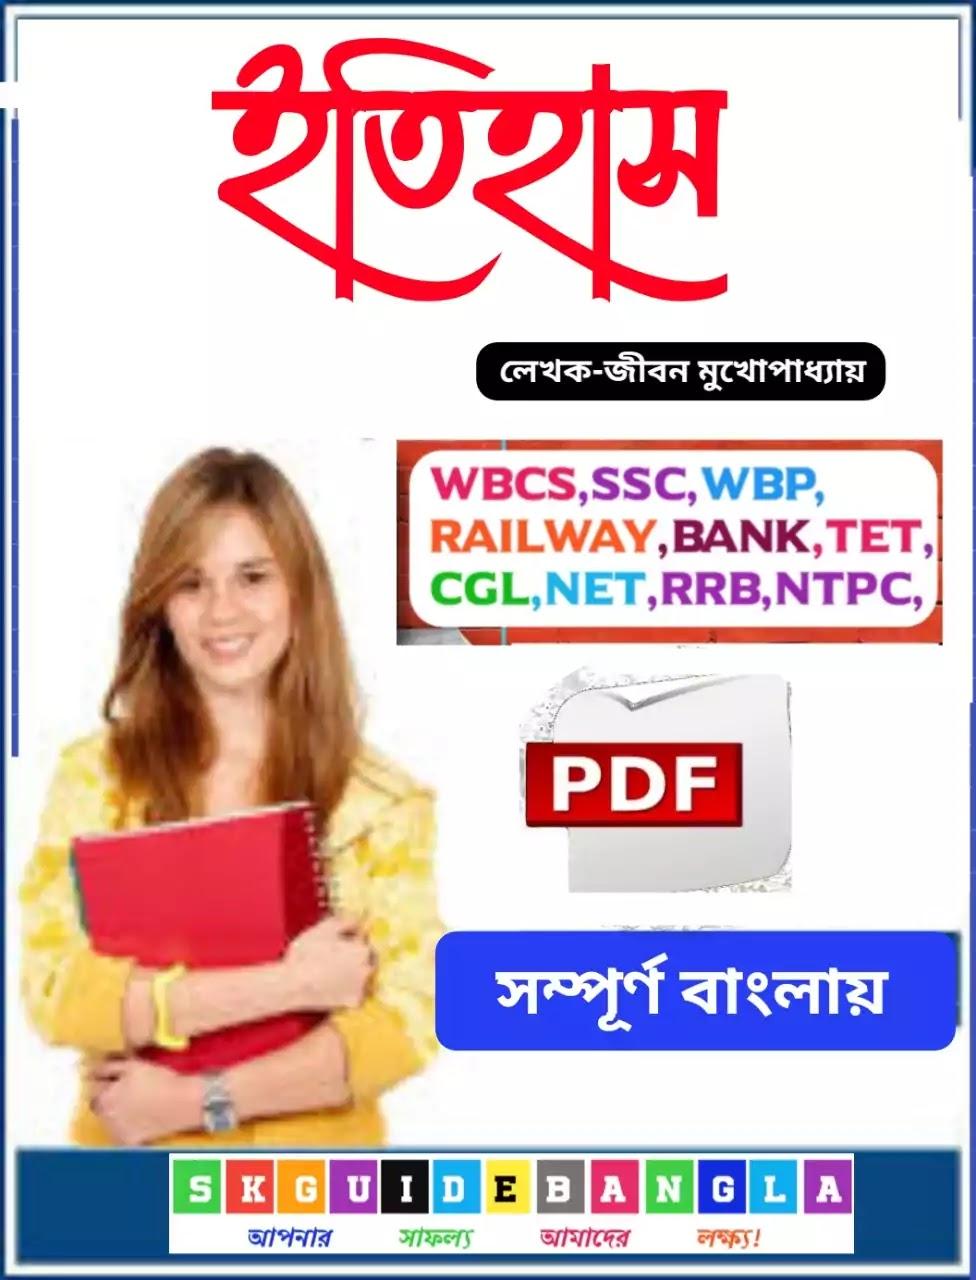 জীবন মুখোপাধ্যায় এর ইতিহাস বই বাংলায় পিডিএফ । History jibon Mukhopadhyay book pdf in bengali  Free download